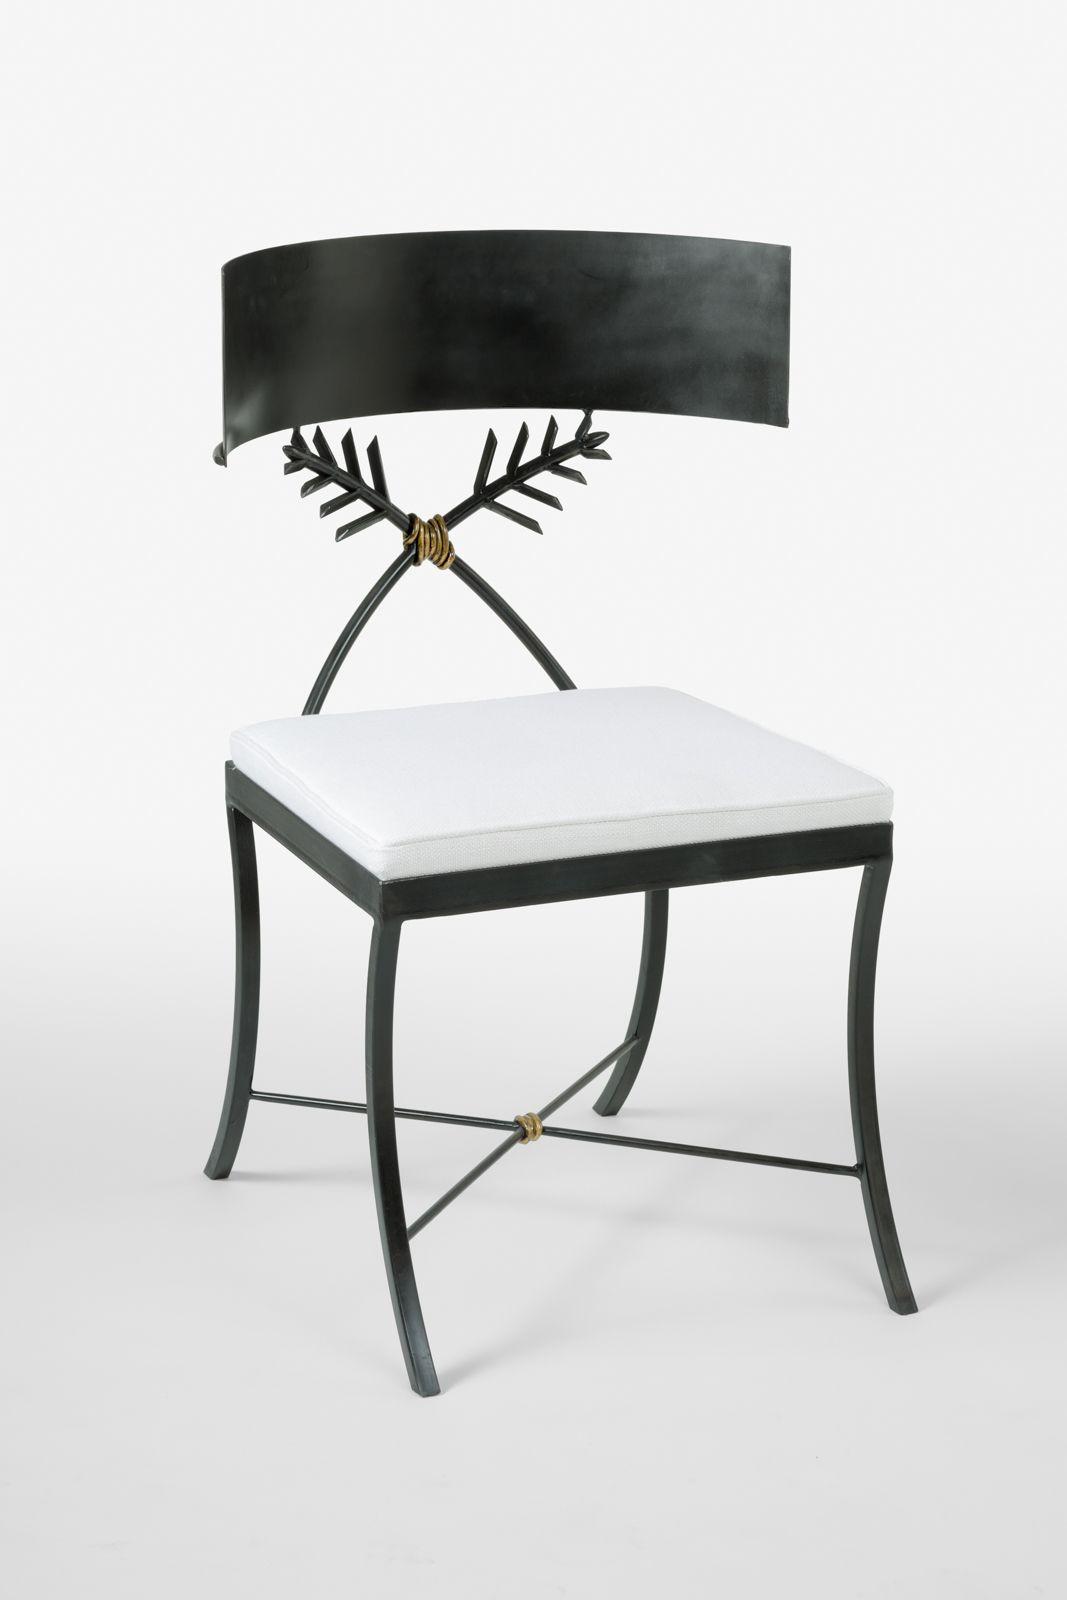 IRON KLISMOS CHAIR  Klismos chair, Klismos, Unique chair